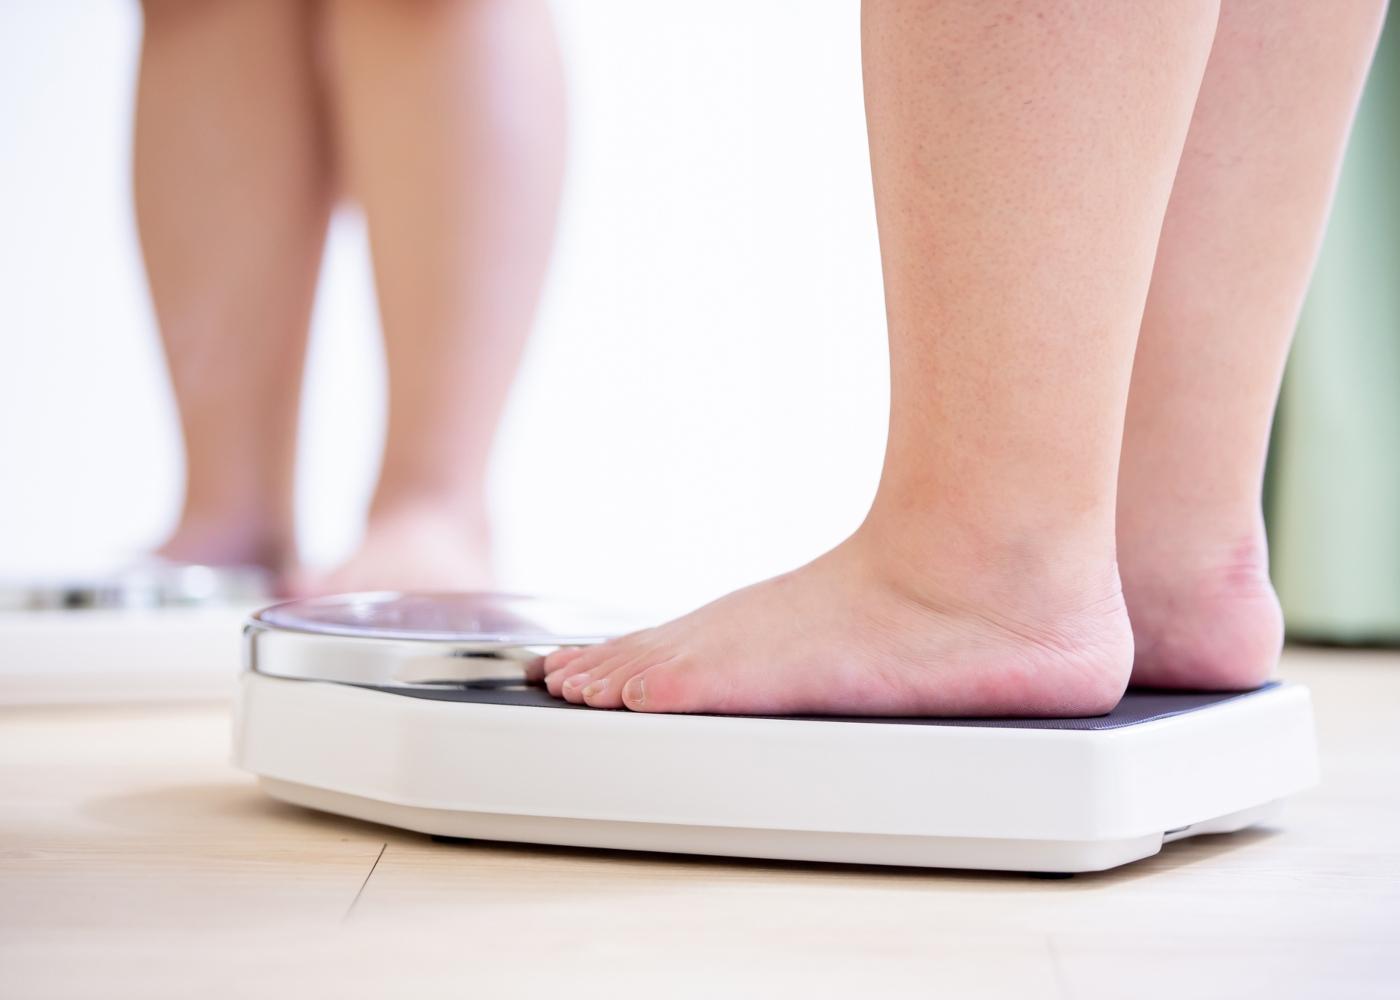 Mulher com excesso de peso a pesar-se numa balança